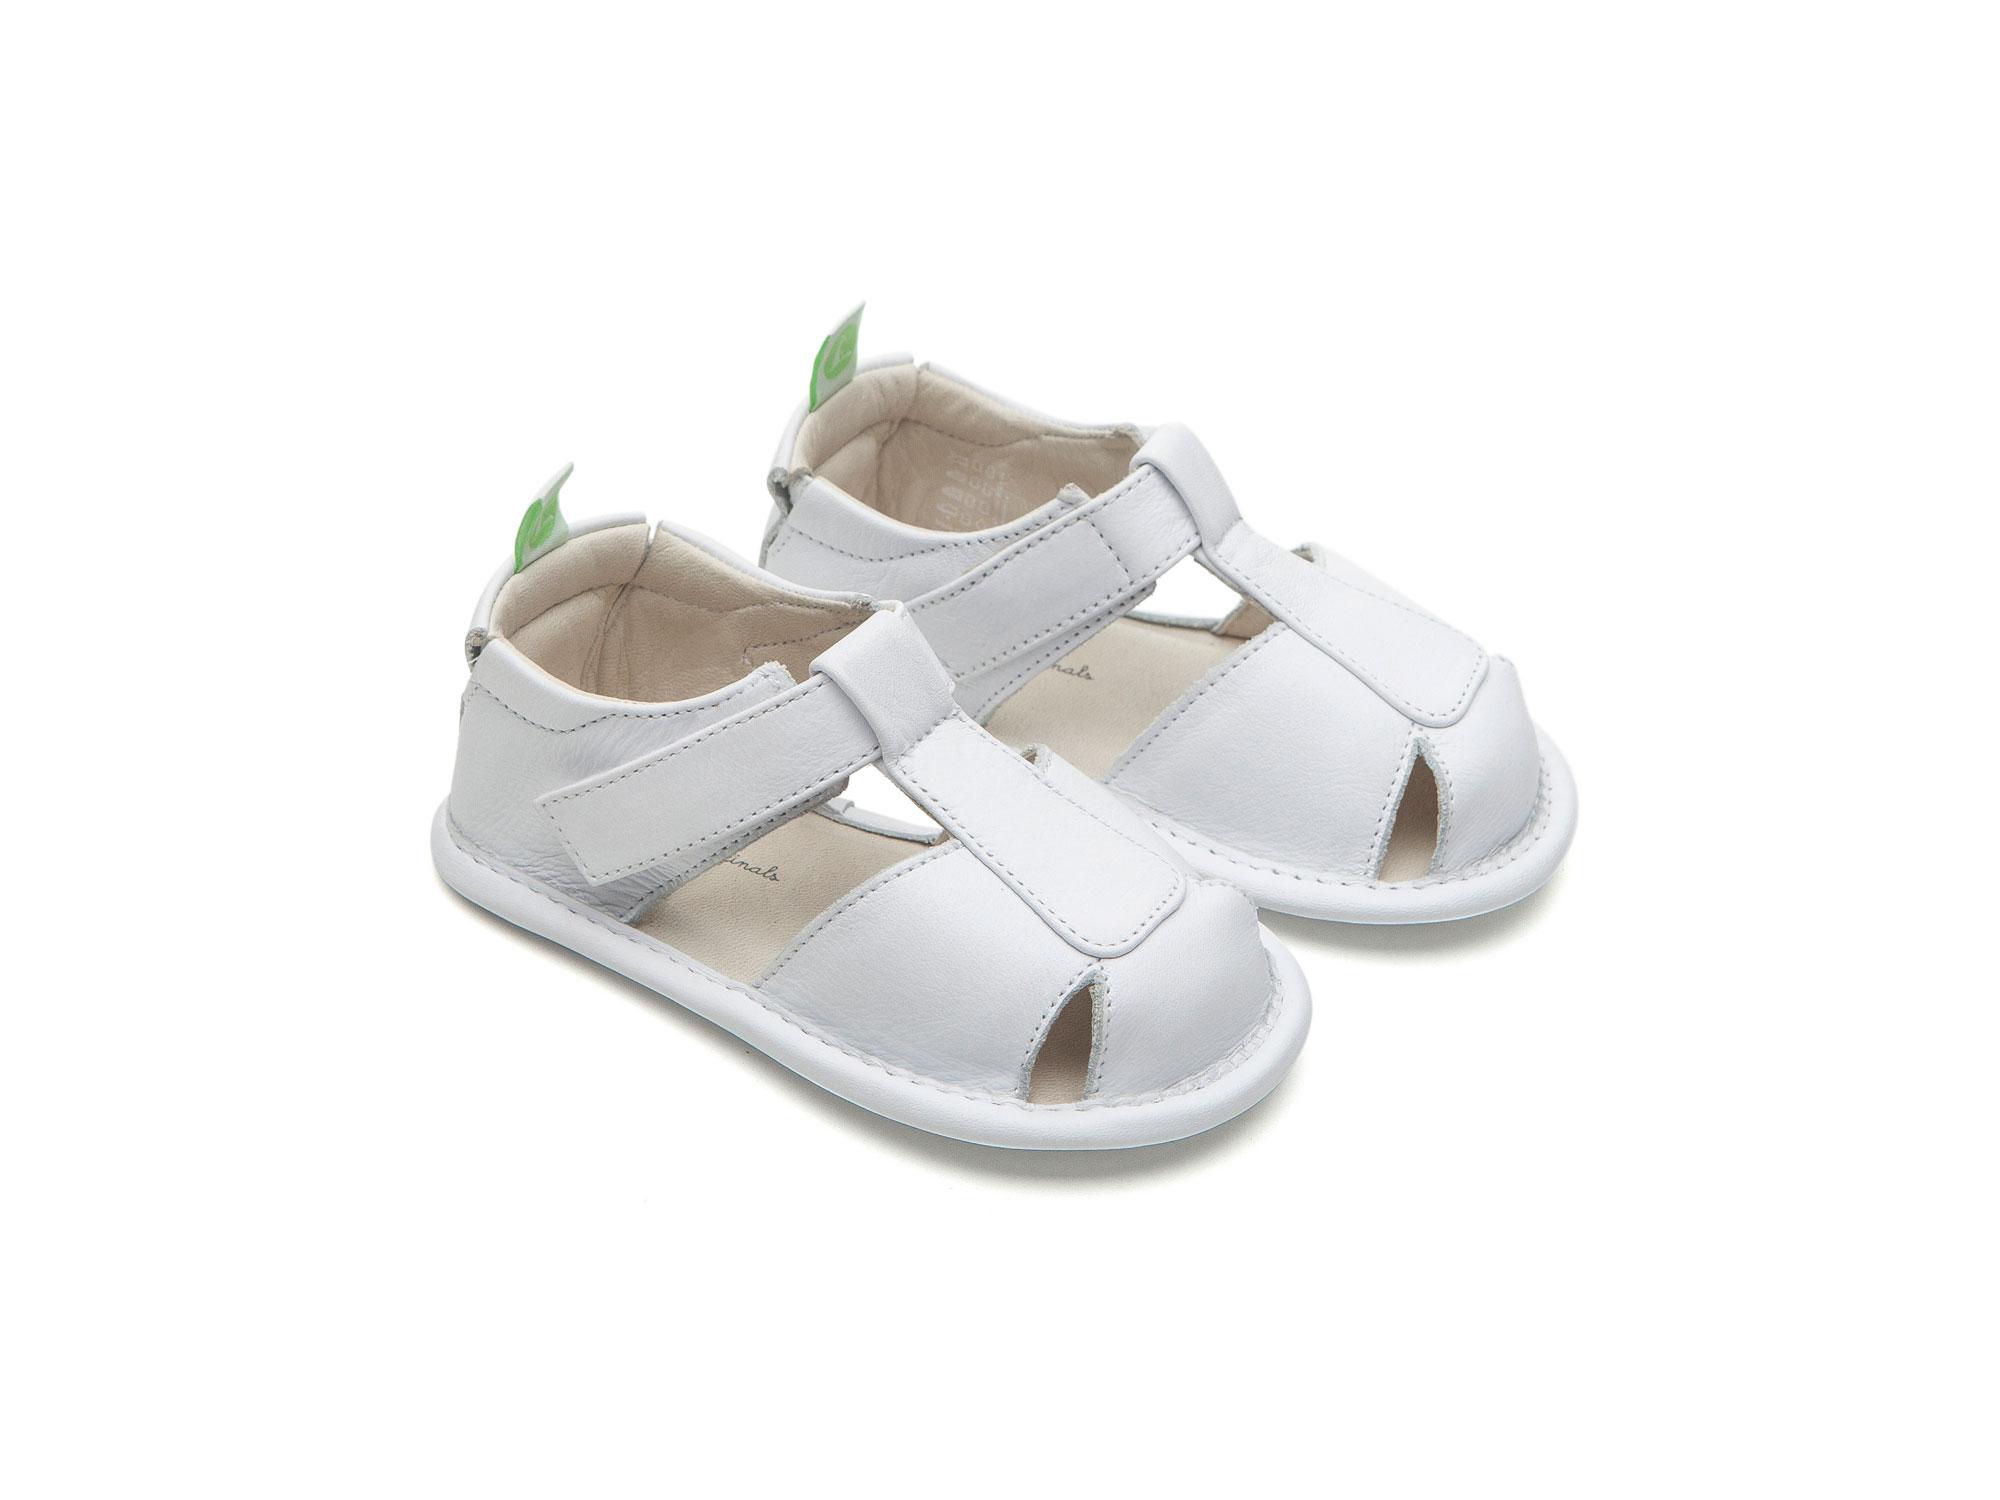 Sandália Parky White  Baby 0 à 2 anos - 0